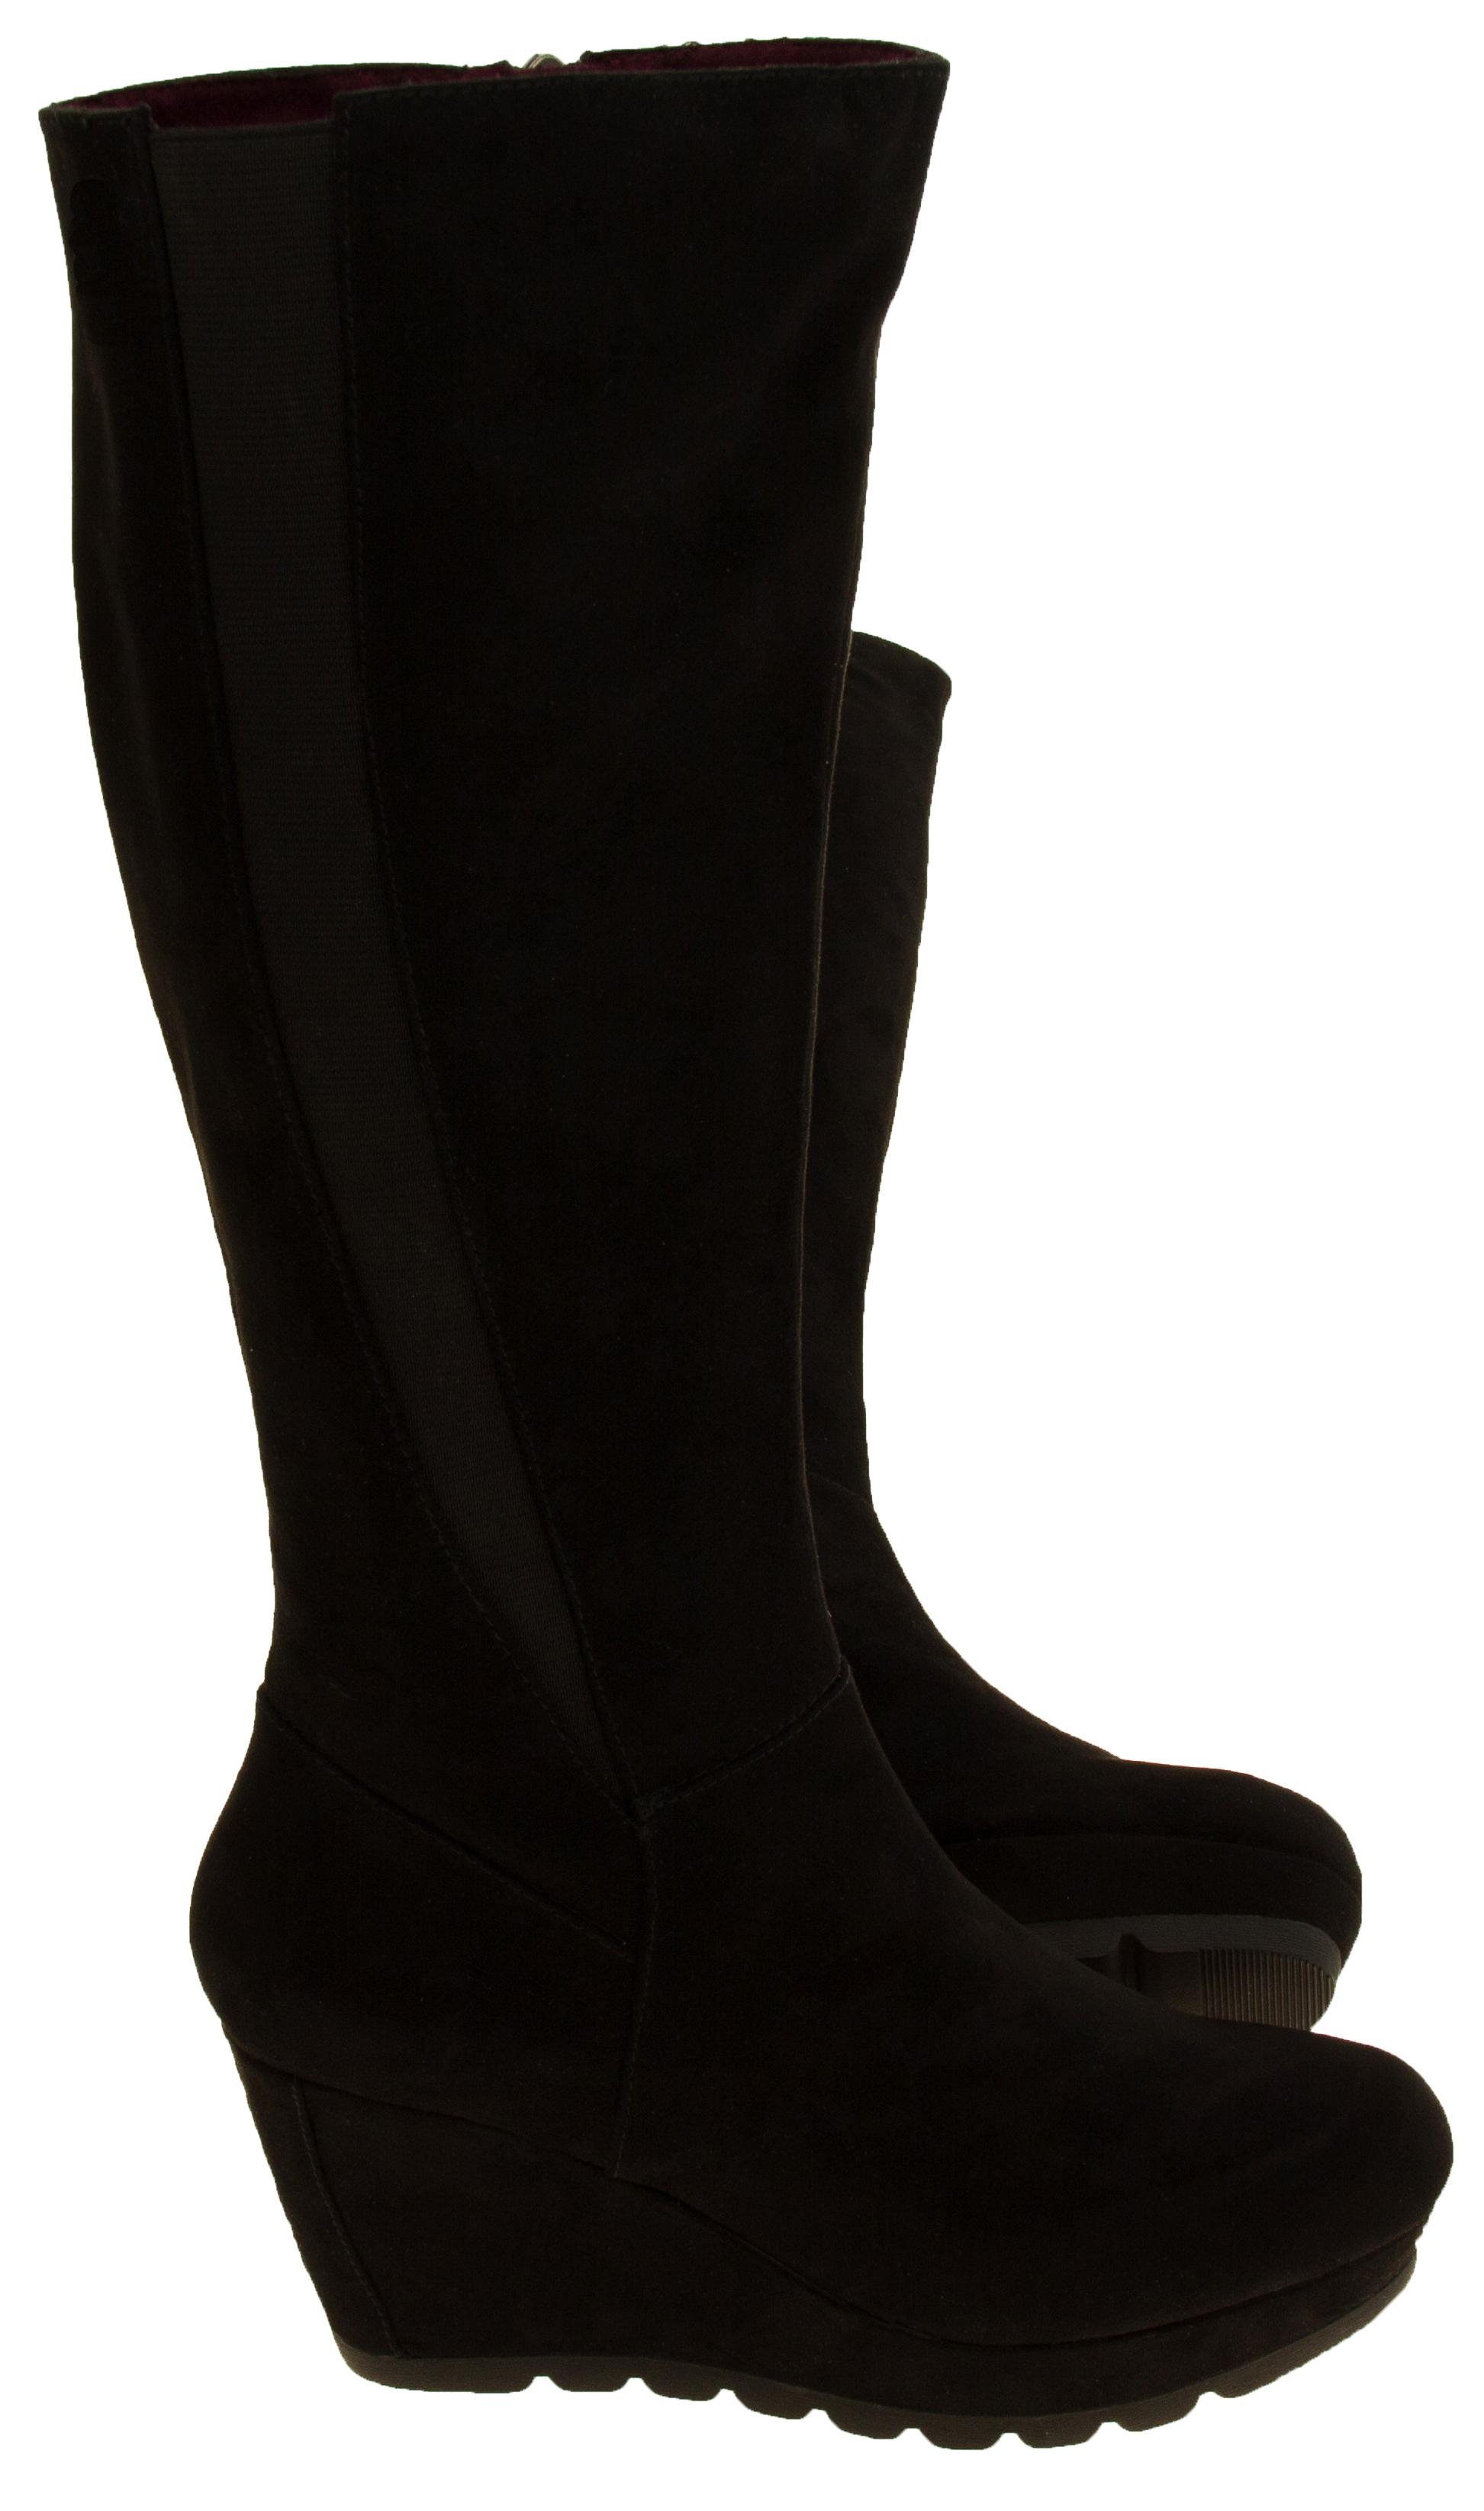 womens s oliver suede effect wedge heel boots ladies knee high platform size 7 8 ebay. Black Bedroom Furniture Sets. Home Design Ideas